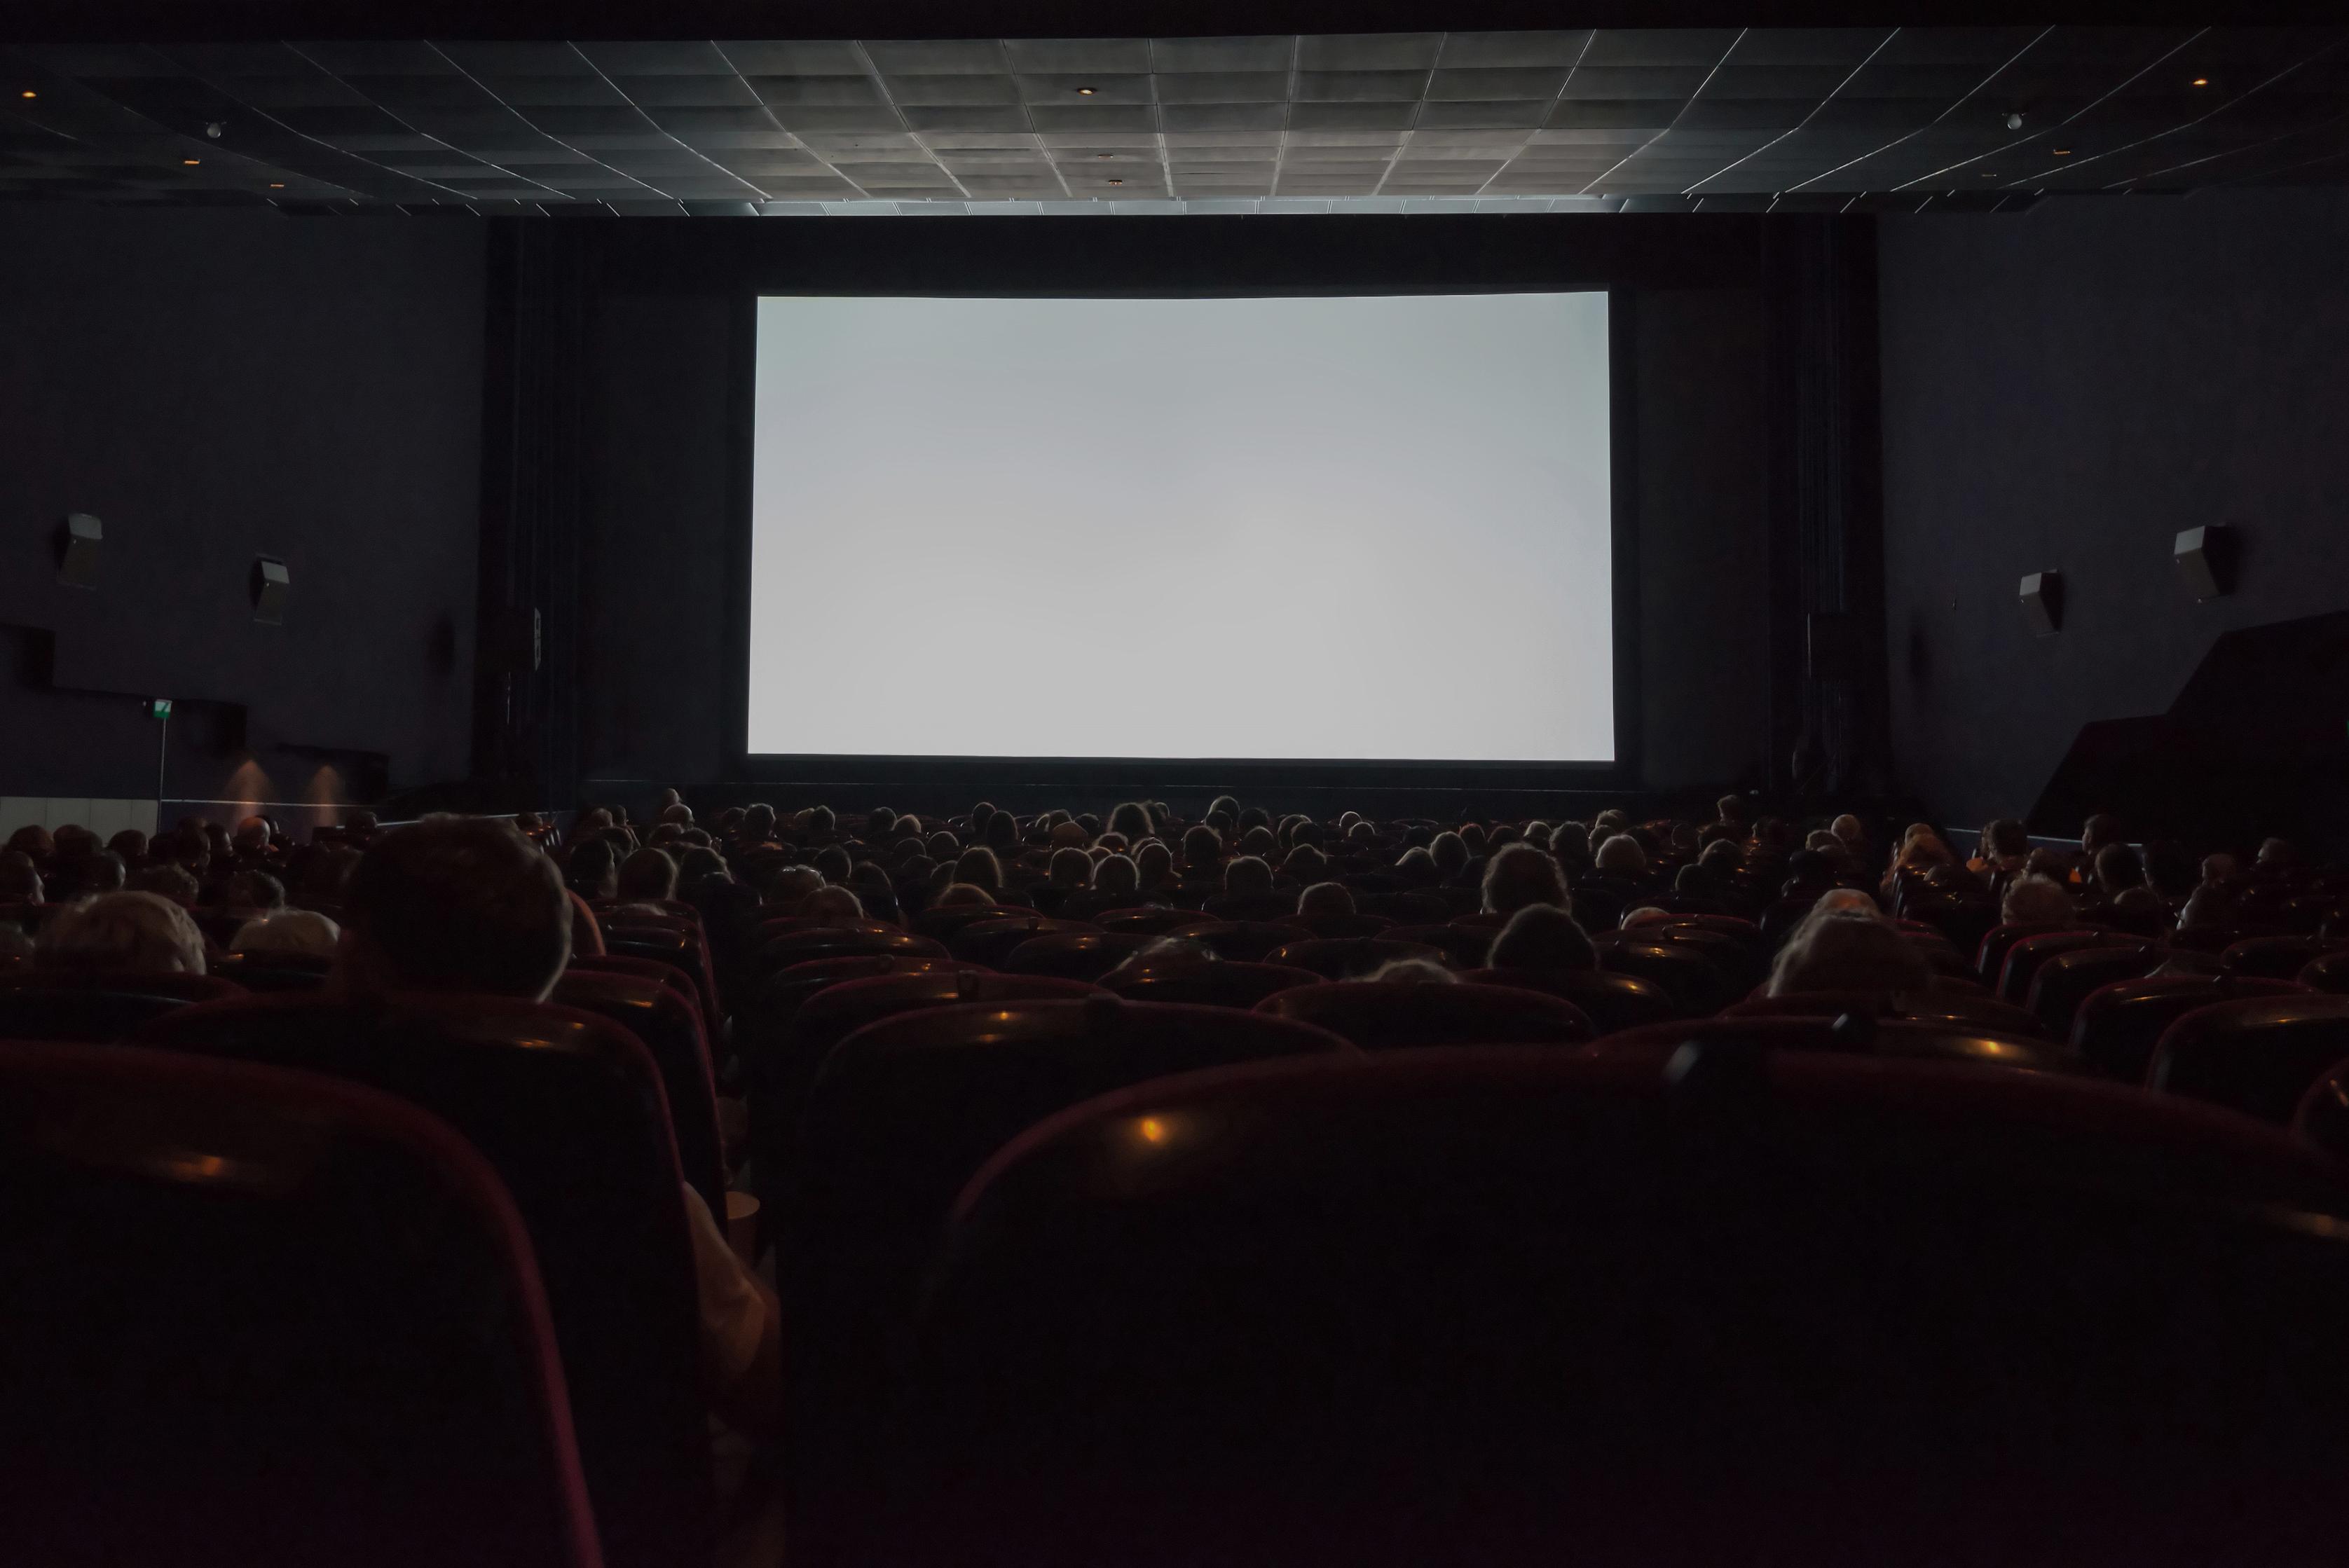 3 razões para inscrever seu filme em um festival de cinema